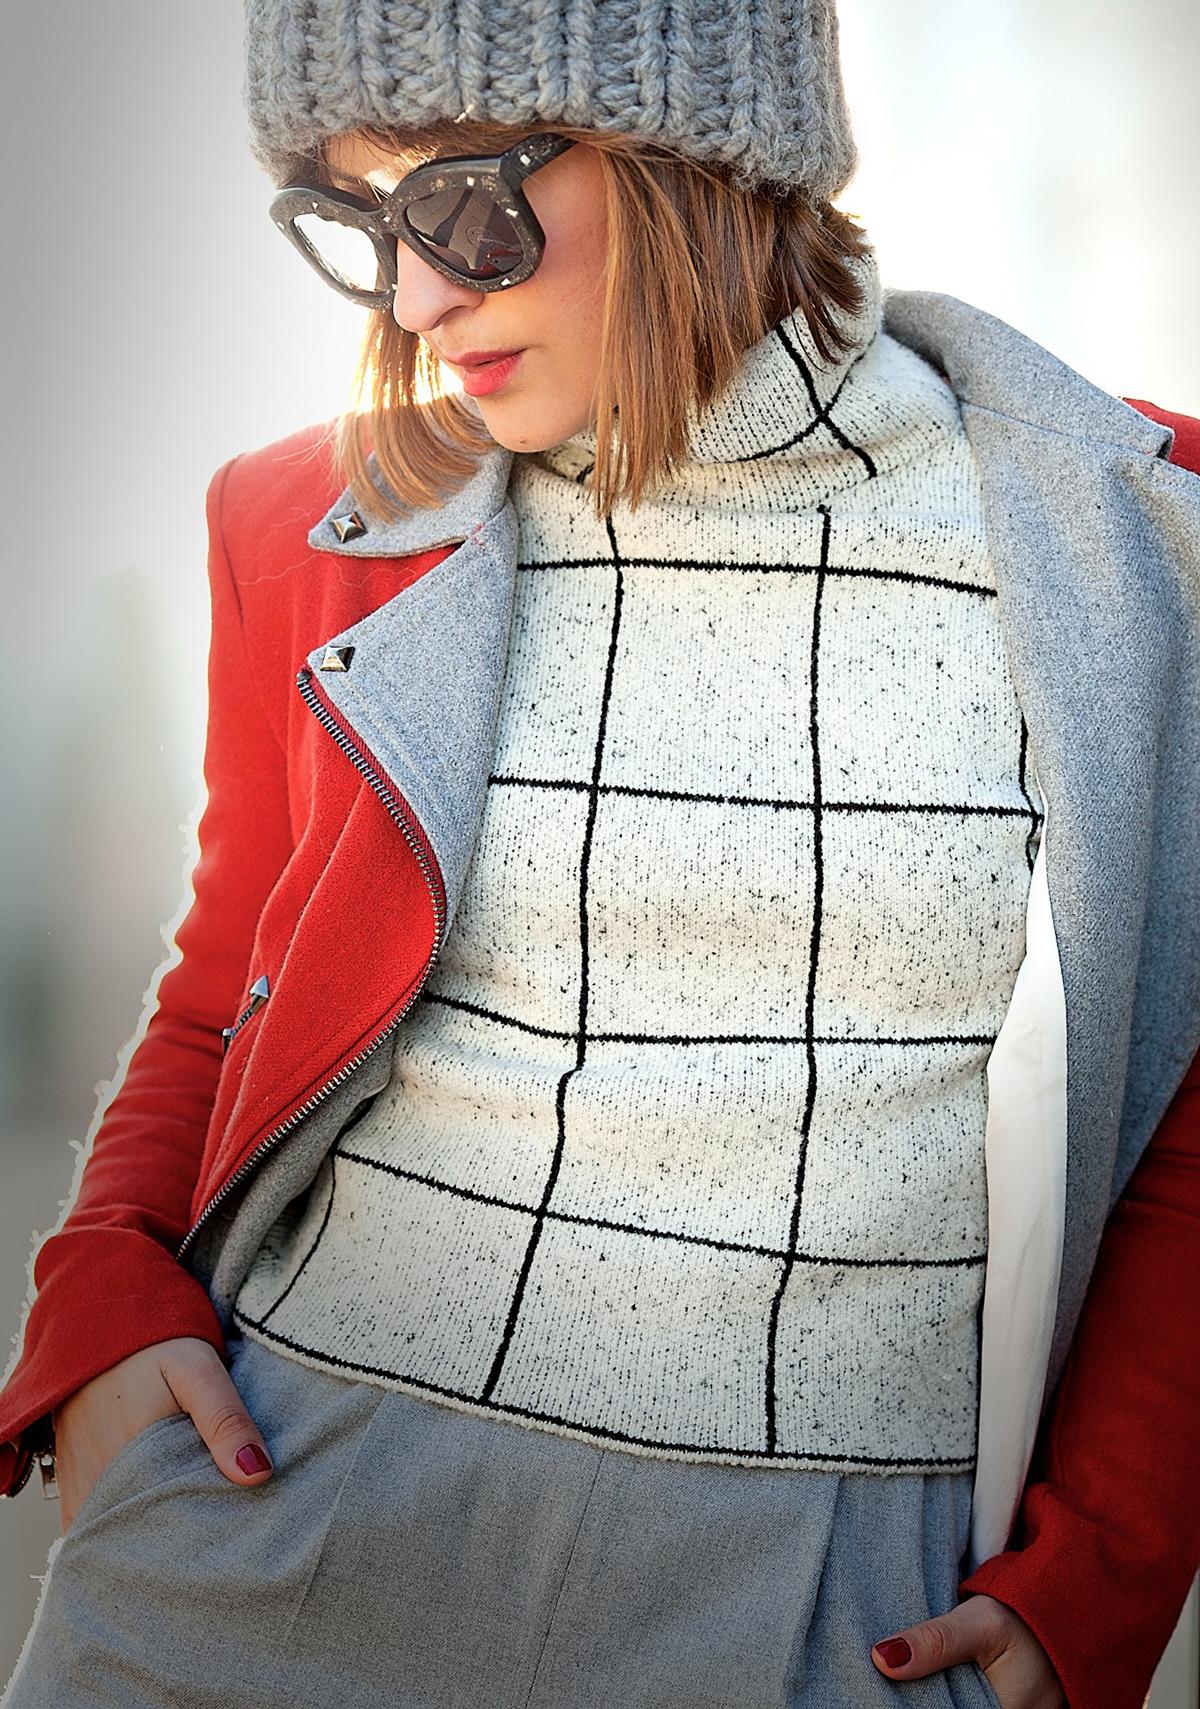 sheinside sweater, galant girl, kuboraum sunglasses,